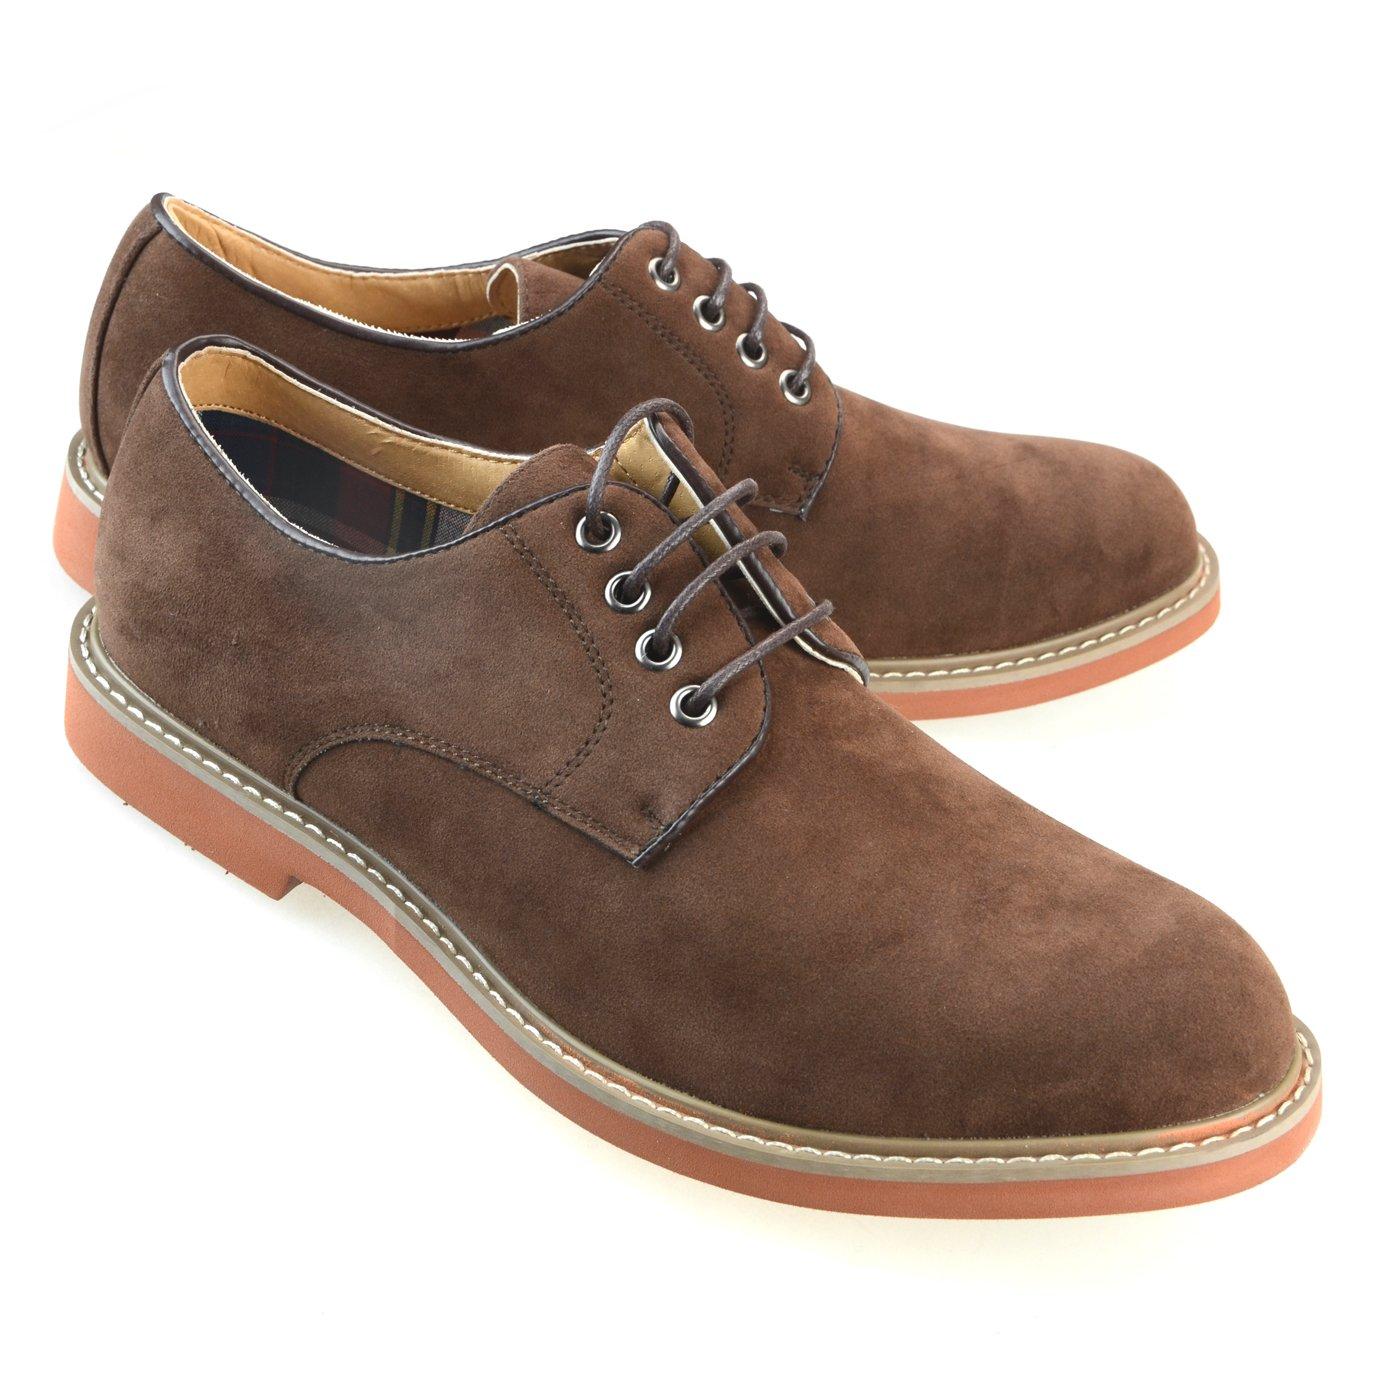 O-NINE Mens Casual Shoes Oxford Shoes Dress Shoes Drving Shoes Fashion Lace up Shoes Darkbrown 43 EU (US Men's 10 M)